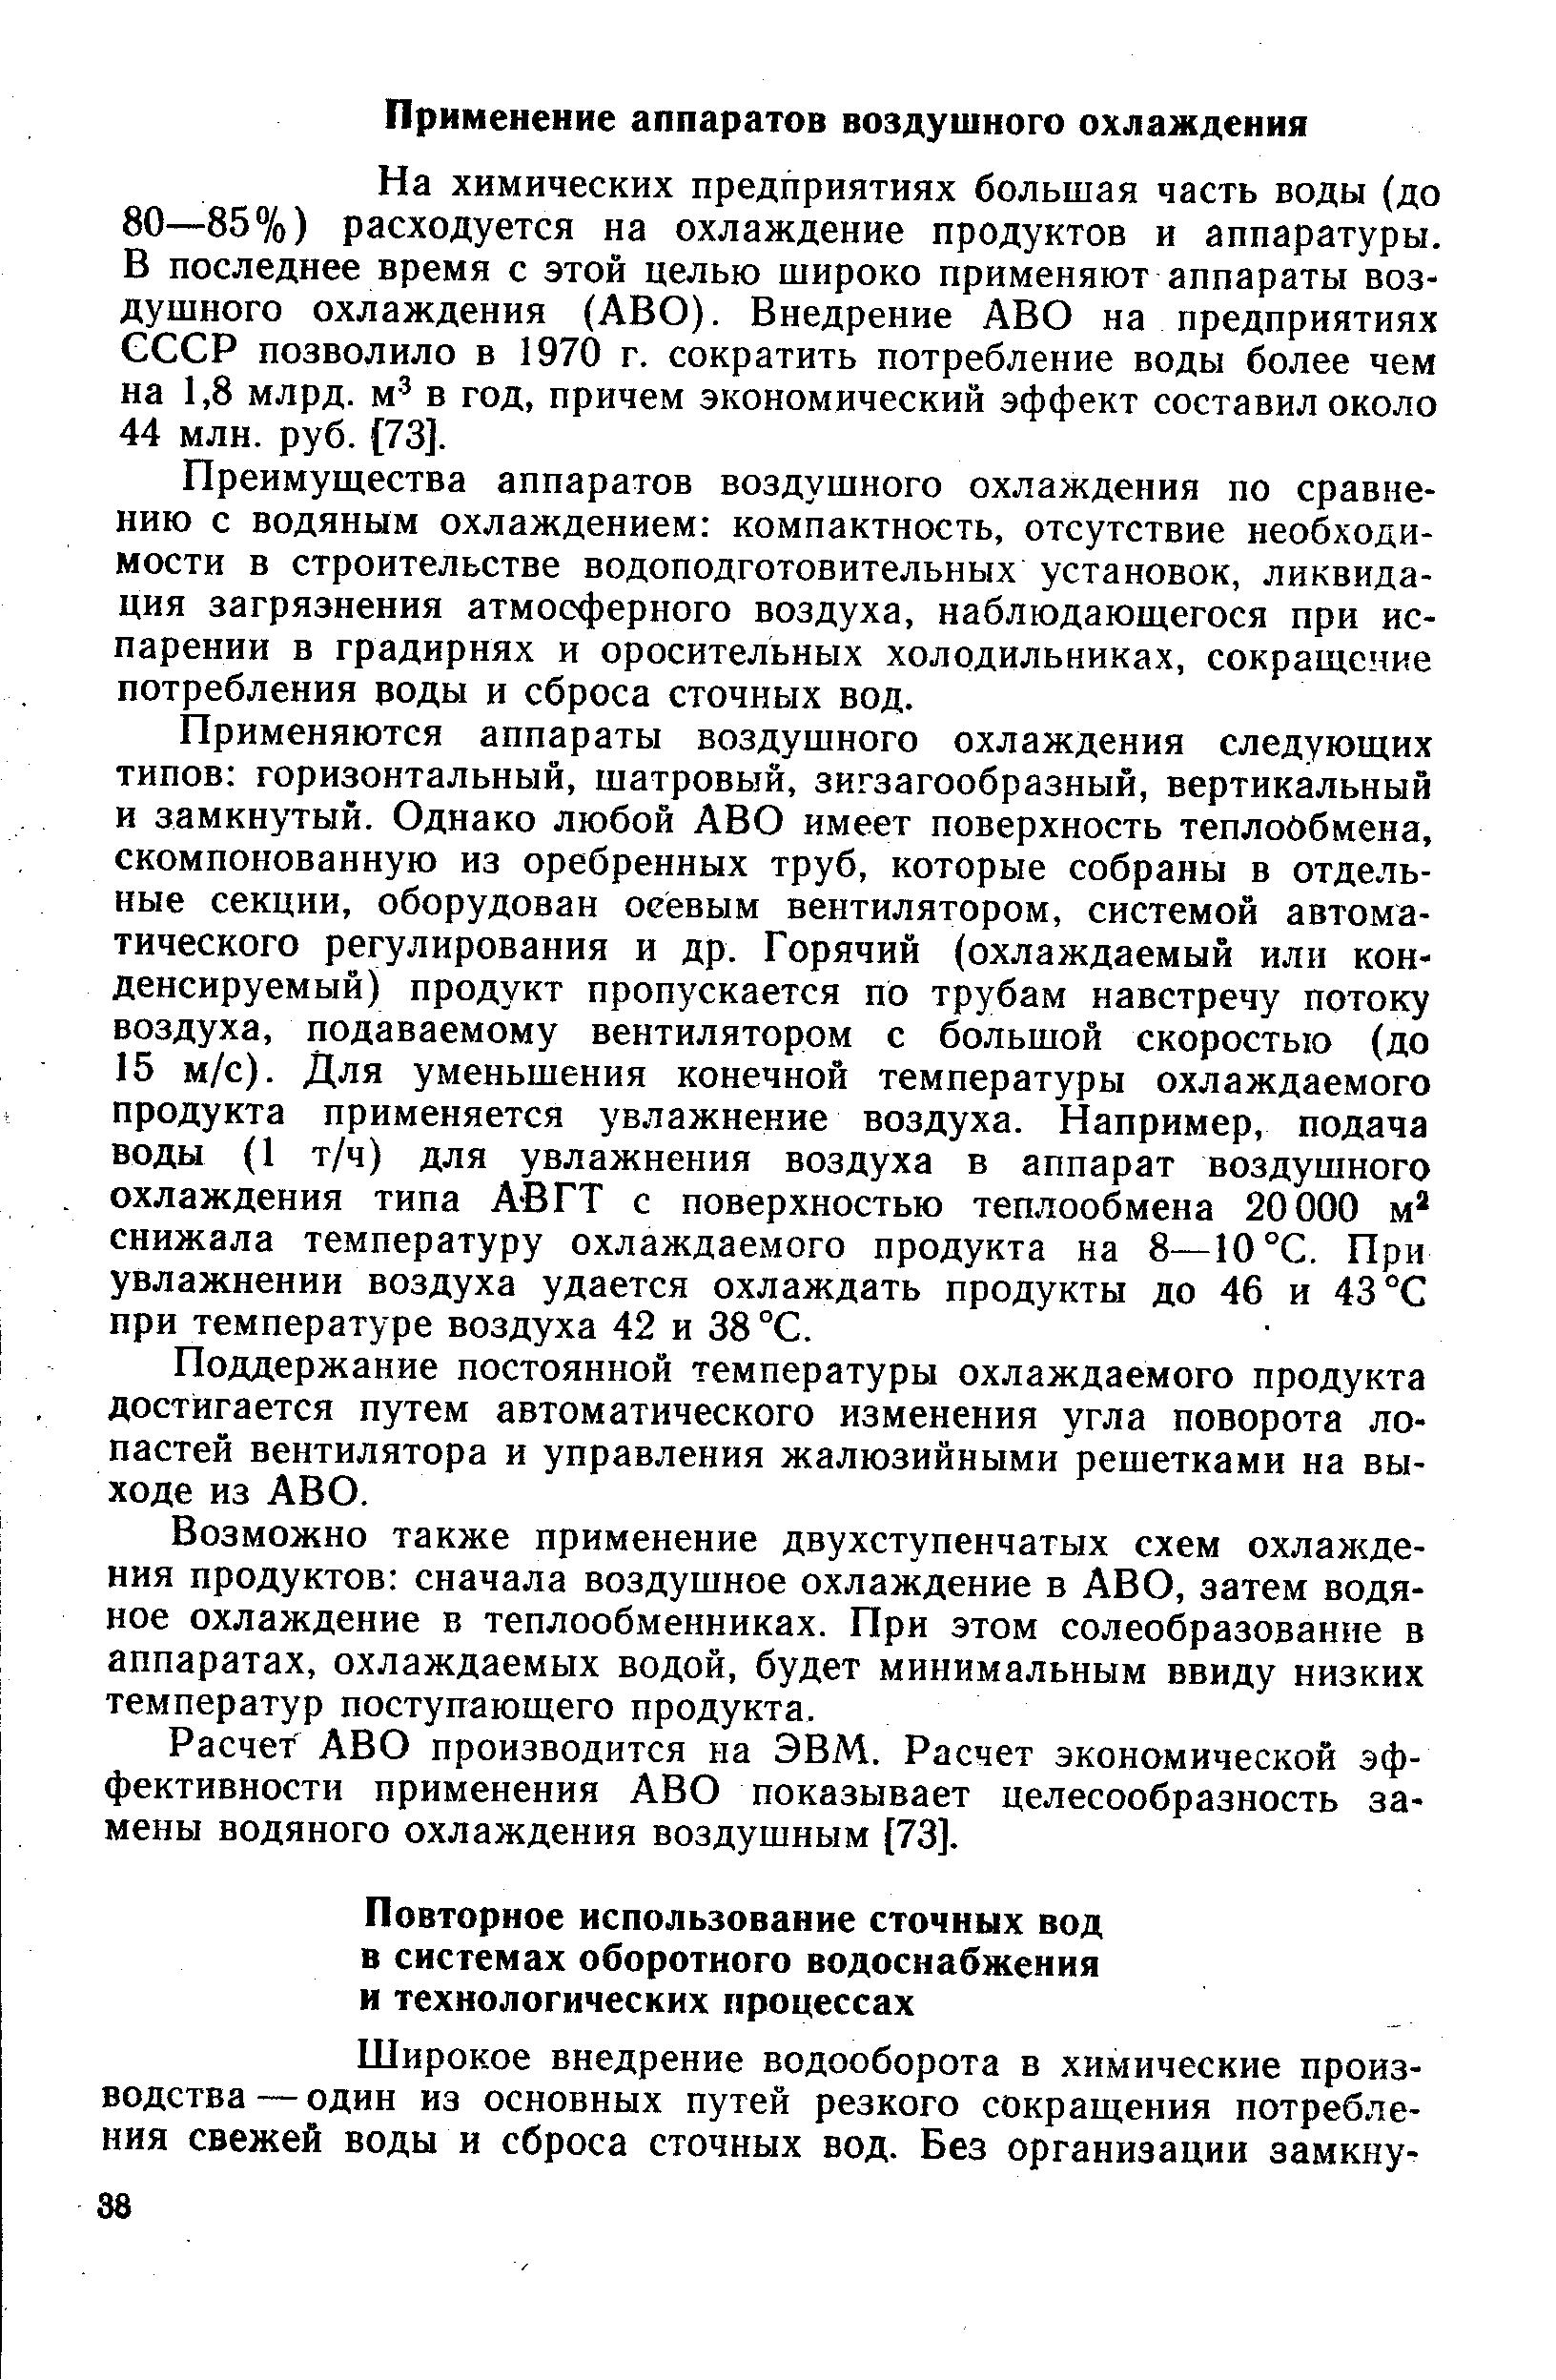 Rrumagic.com : расчет и целесообразность : н козлов : читать онлайн